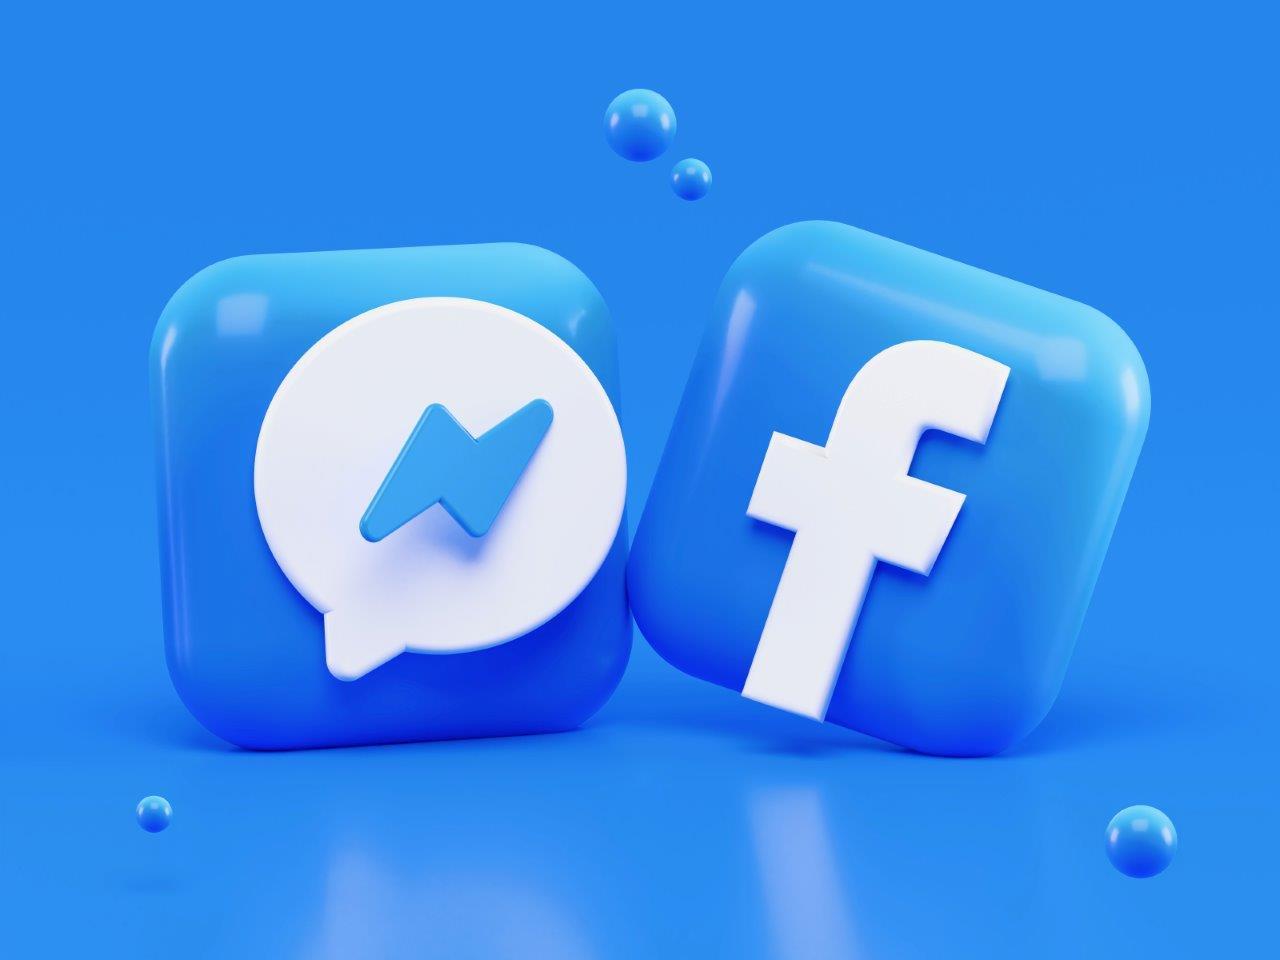 cara membuat bingkai pada foto profil facebook